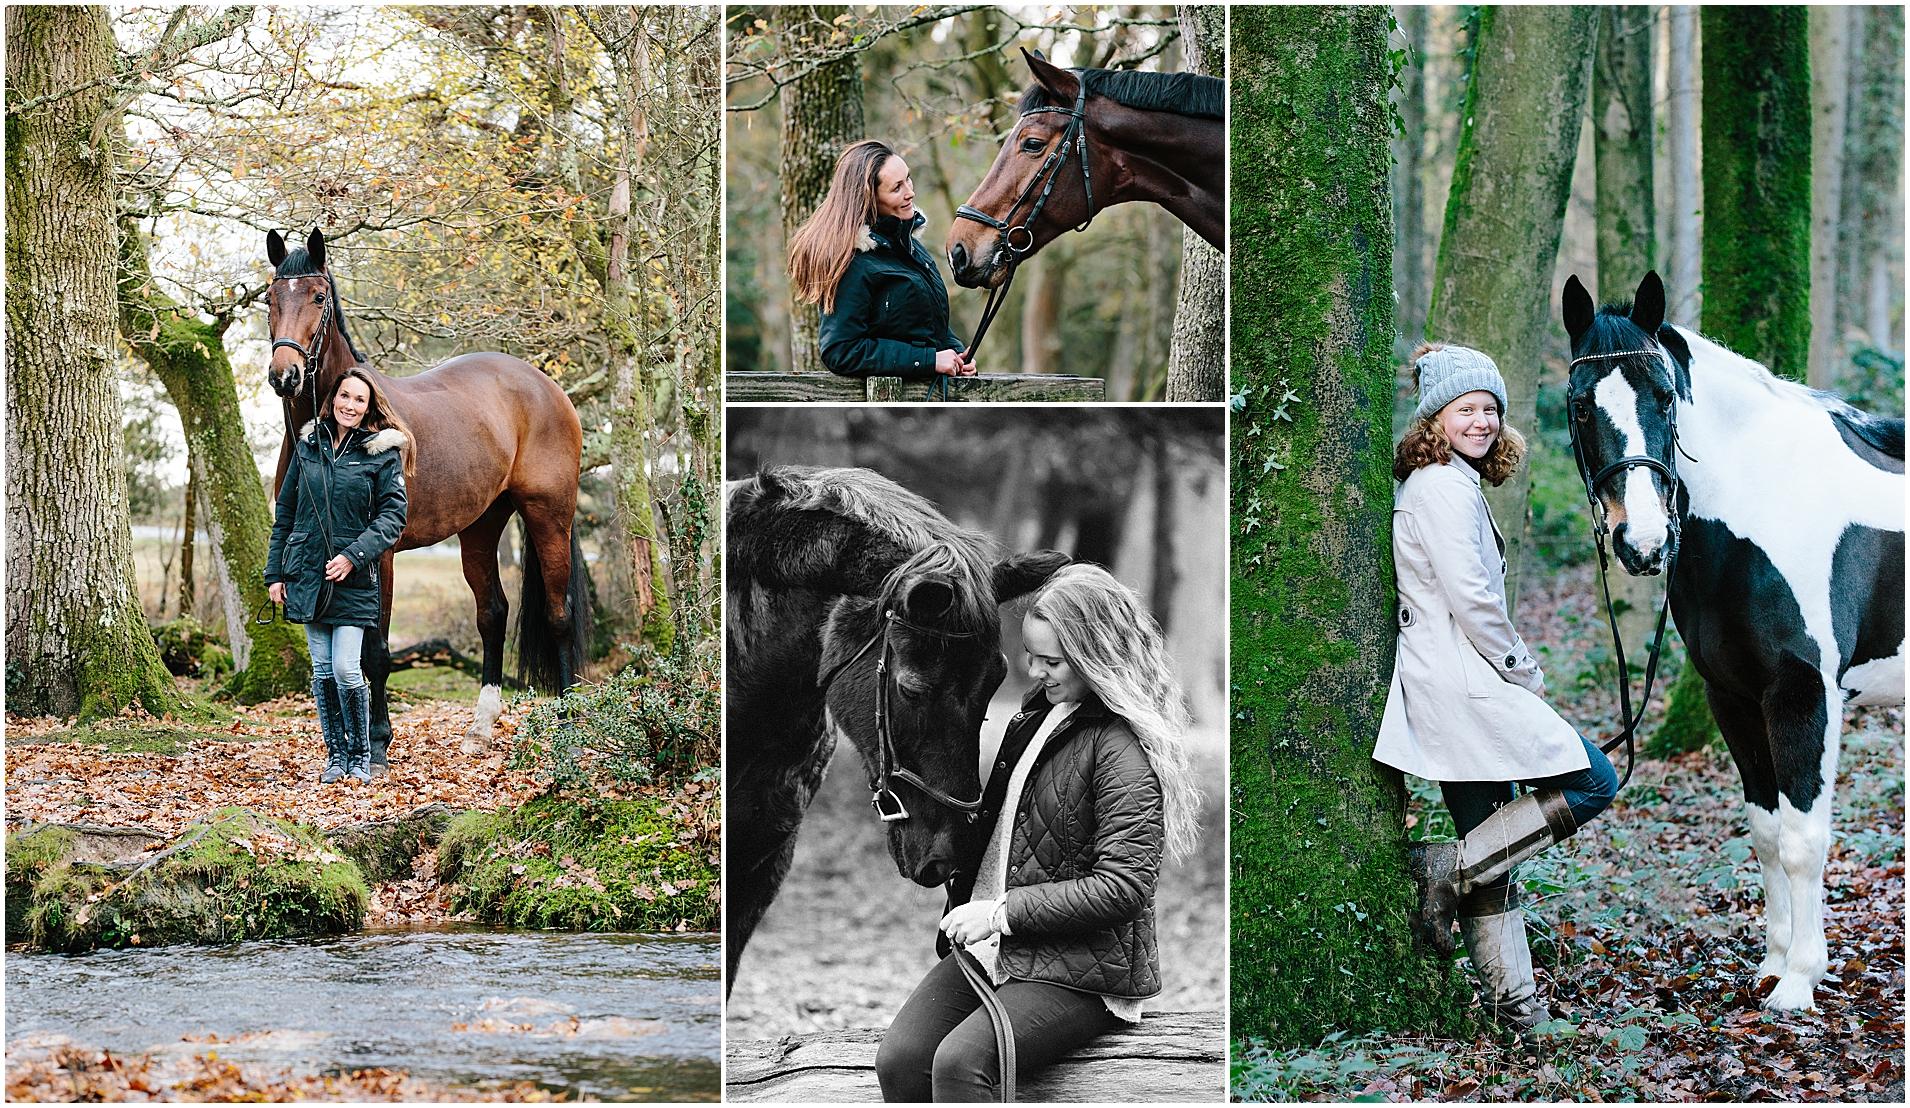 Winter equine photoshoot